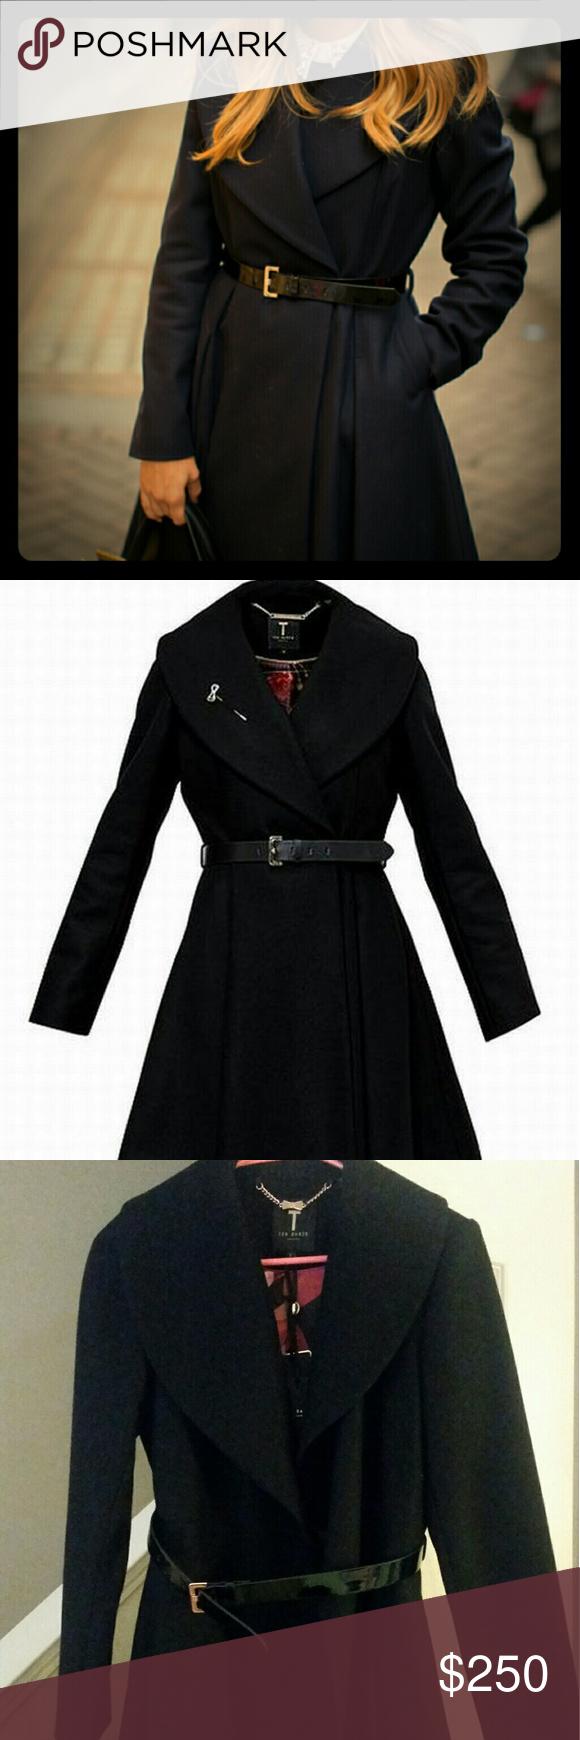 ec3476329017c Ted Baker Flared skirt coat- Black Black Ted Baker coat